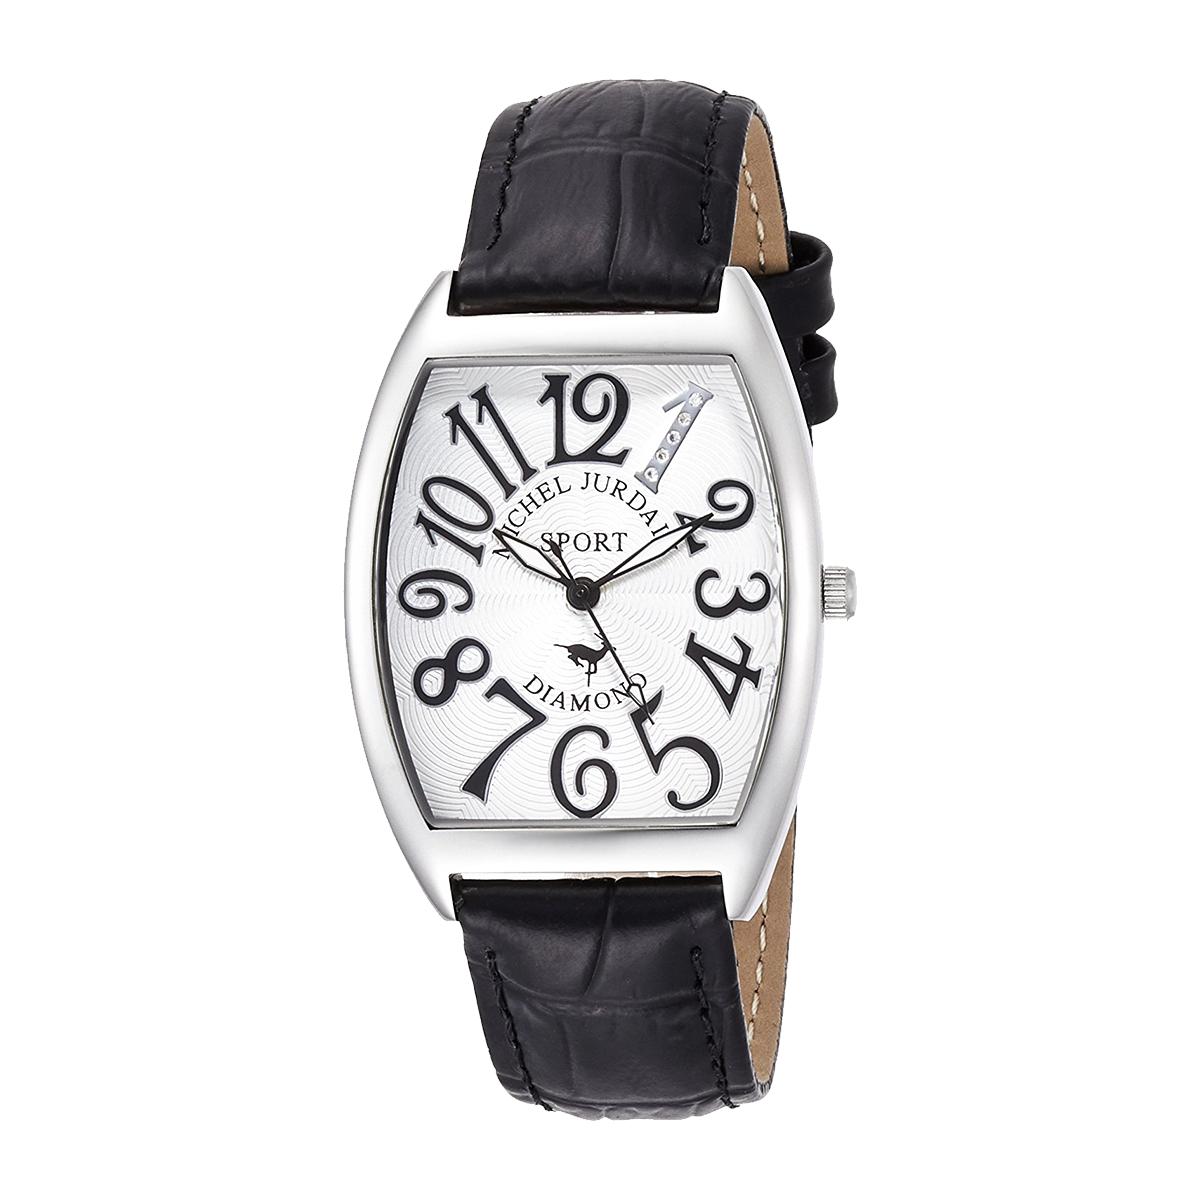 ミッシェル・ジョルダン MICHEL JURDAIN トノー型ダイヤモンド SG-1000-11 ユニセックス 時計 腕時計 クオーツ